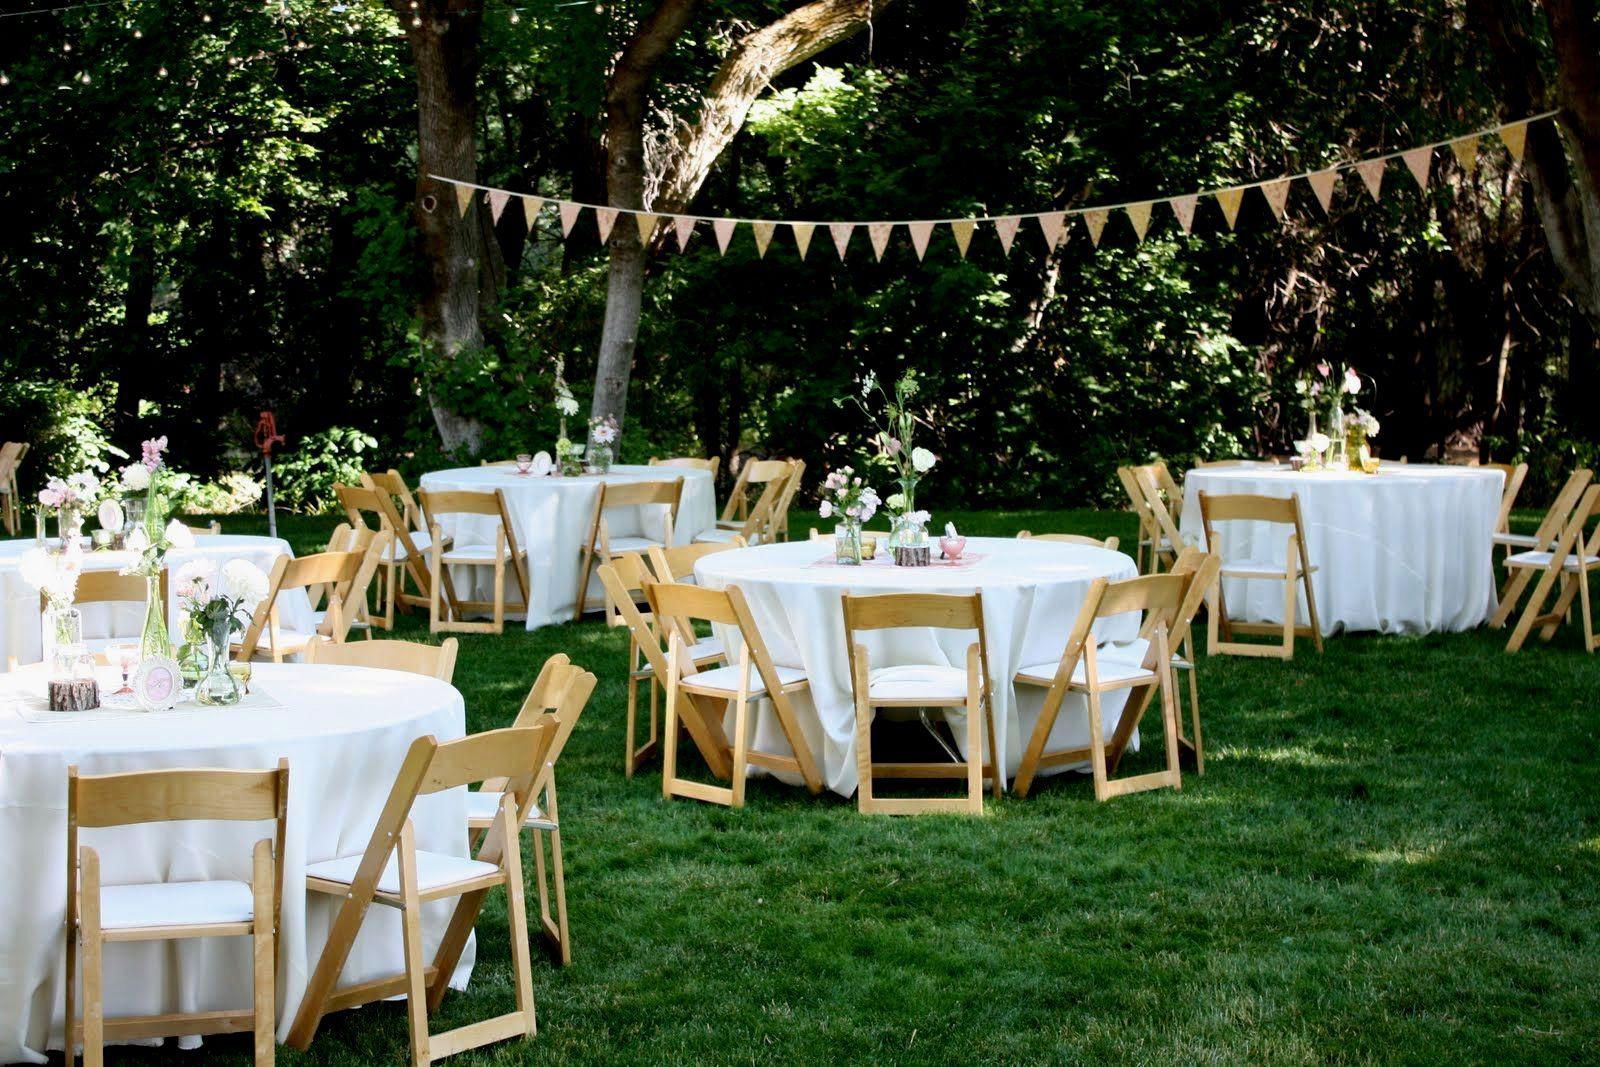 11.backyard wedding idea via Simphome.com